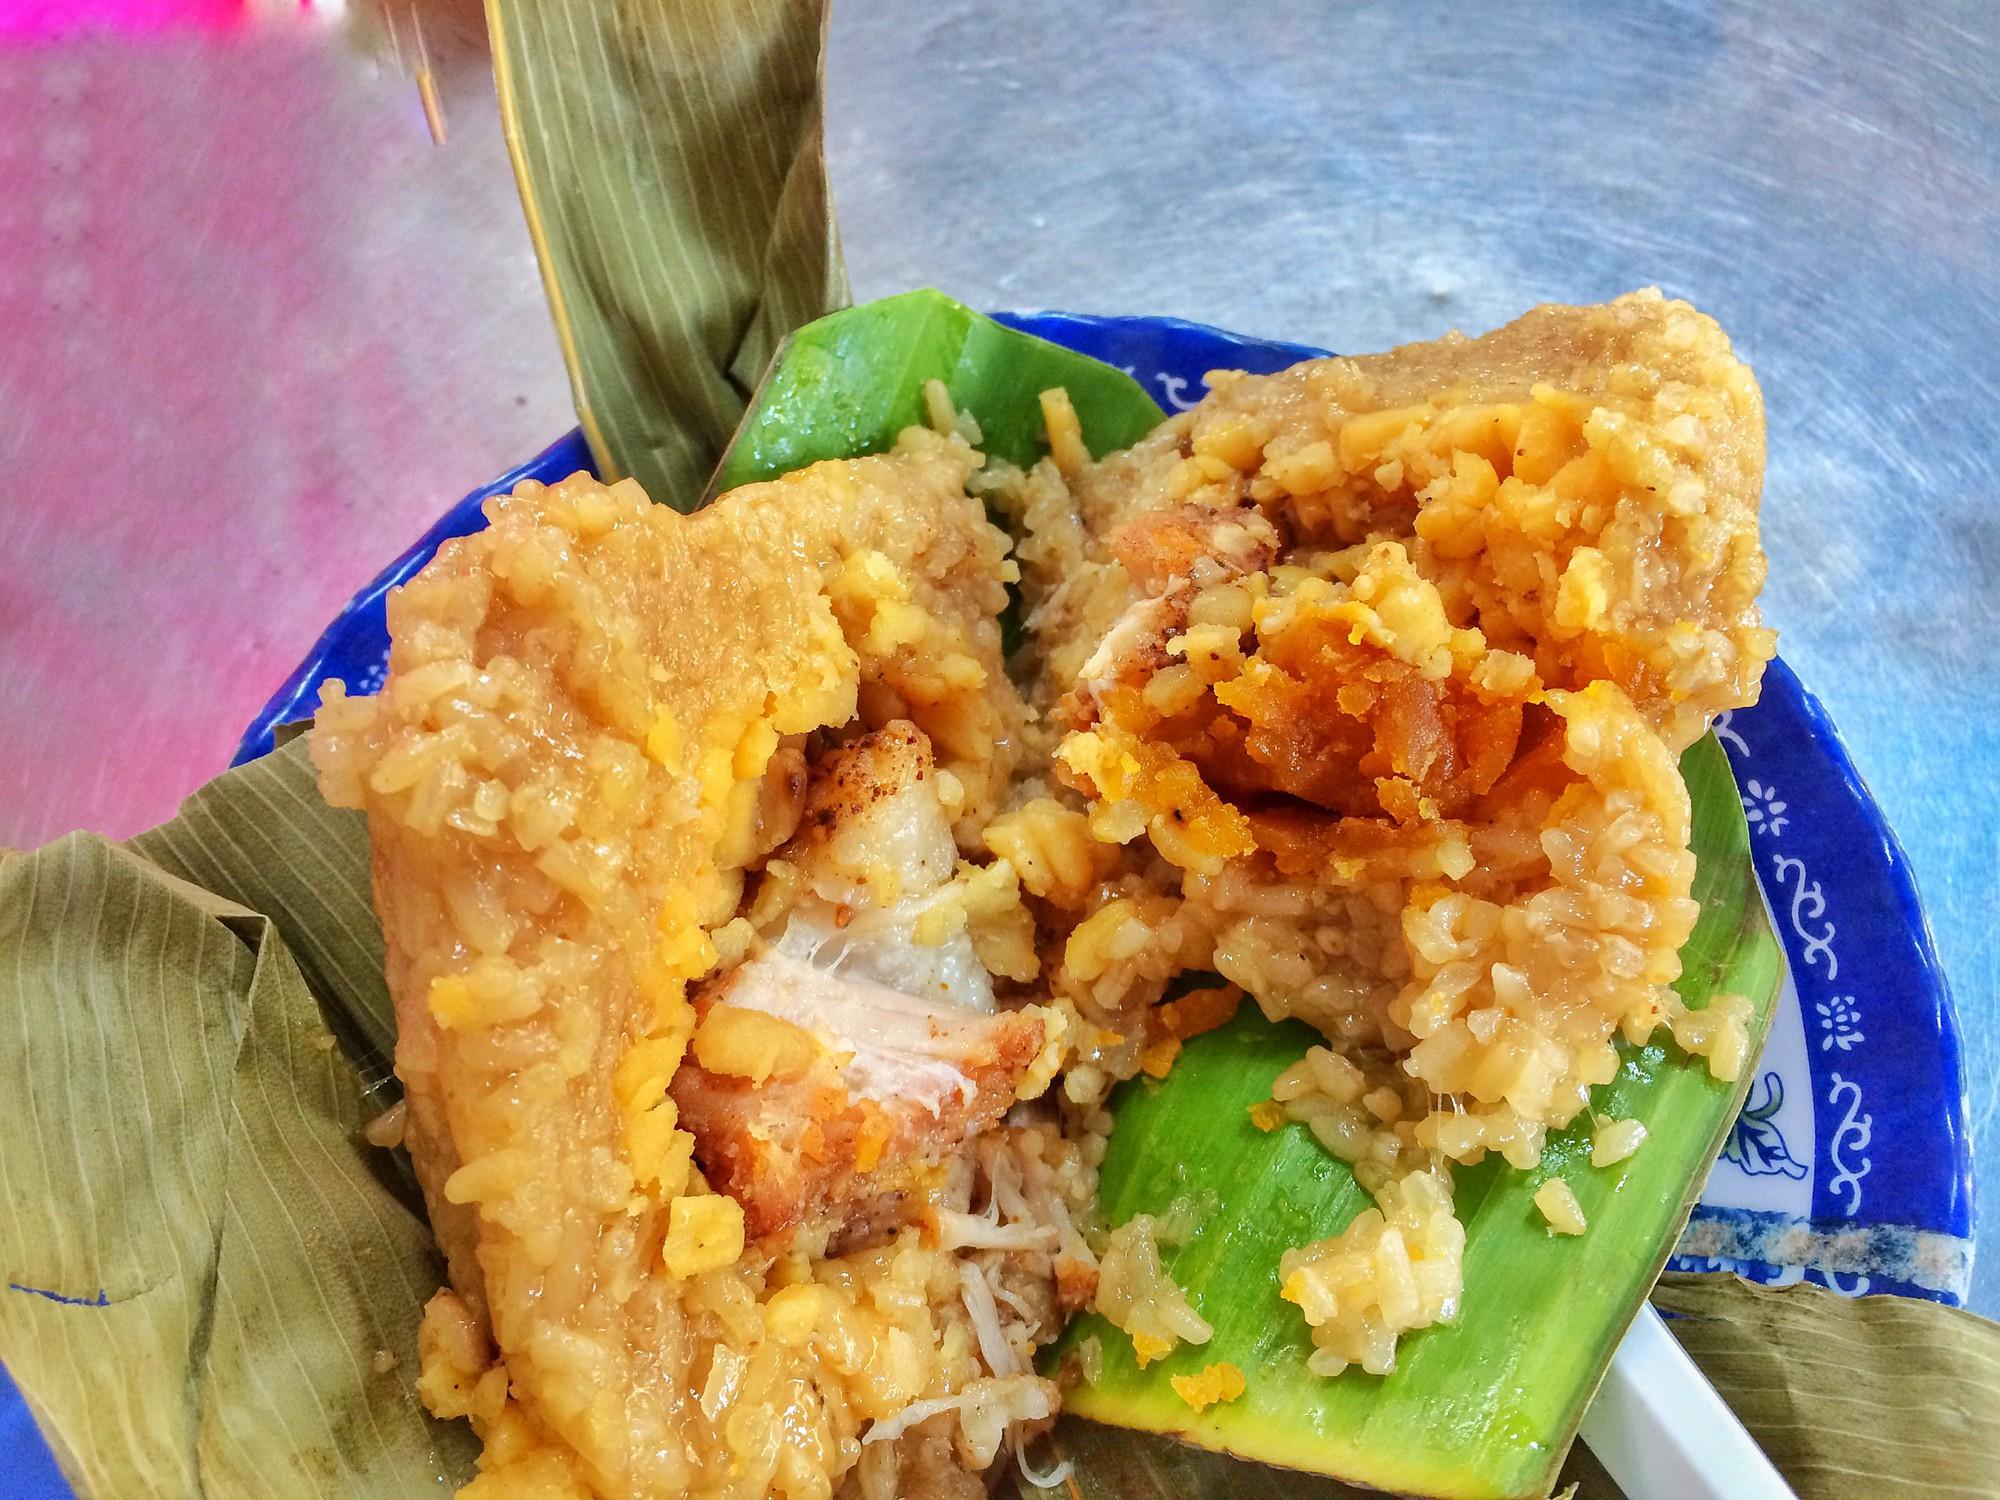 Bánh ú bá trạng - tinh hoa ẩm thực người Hoa vào dịp Tết Đoan Ngọ  - Ảnh 6.